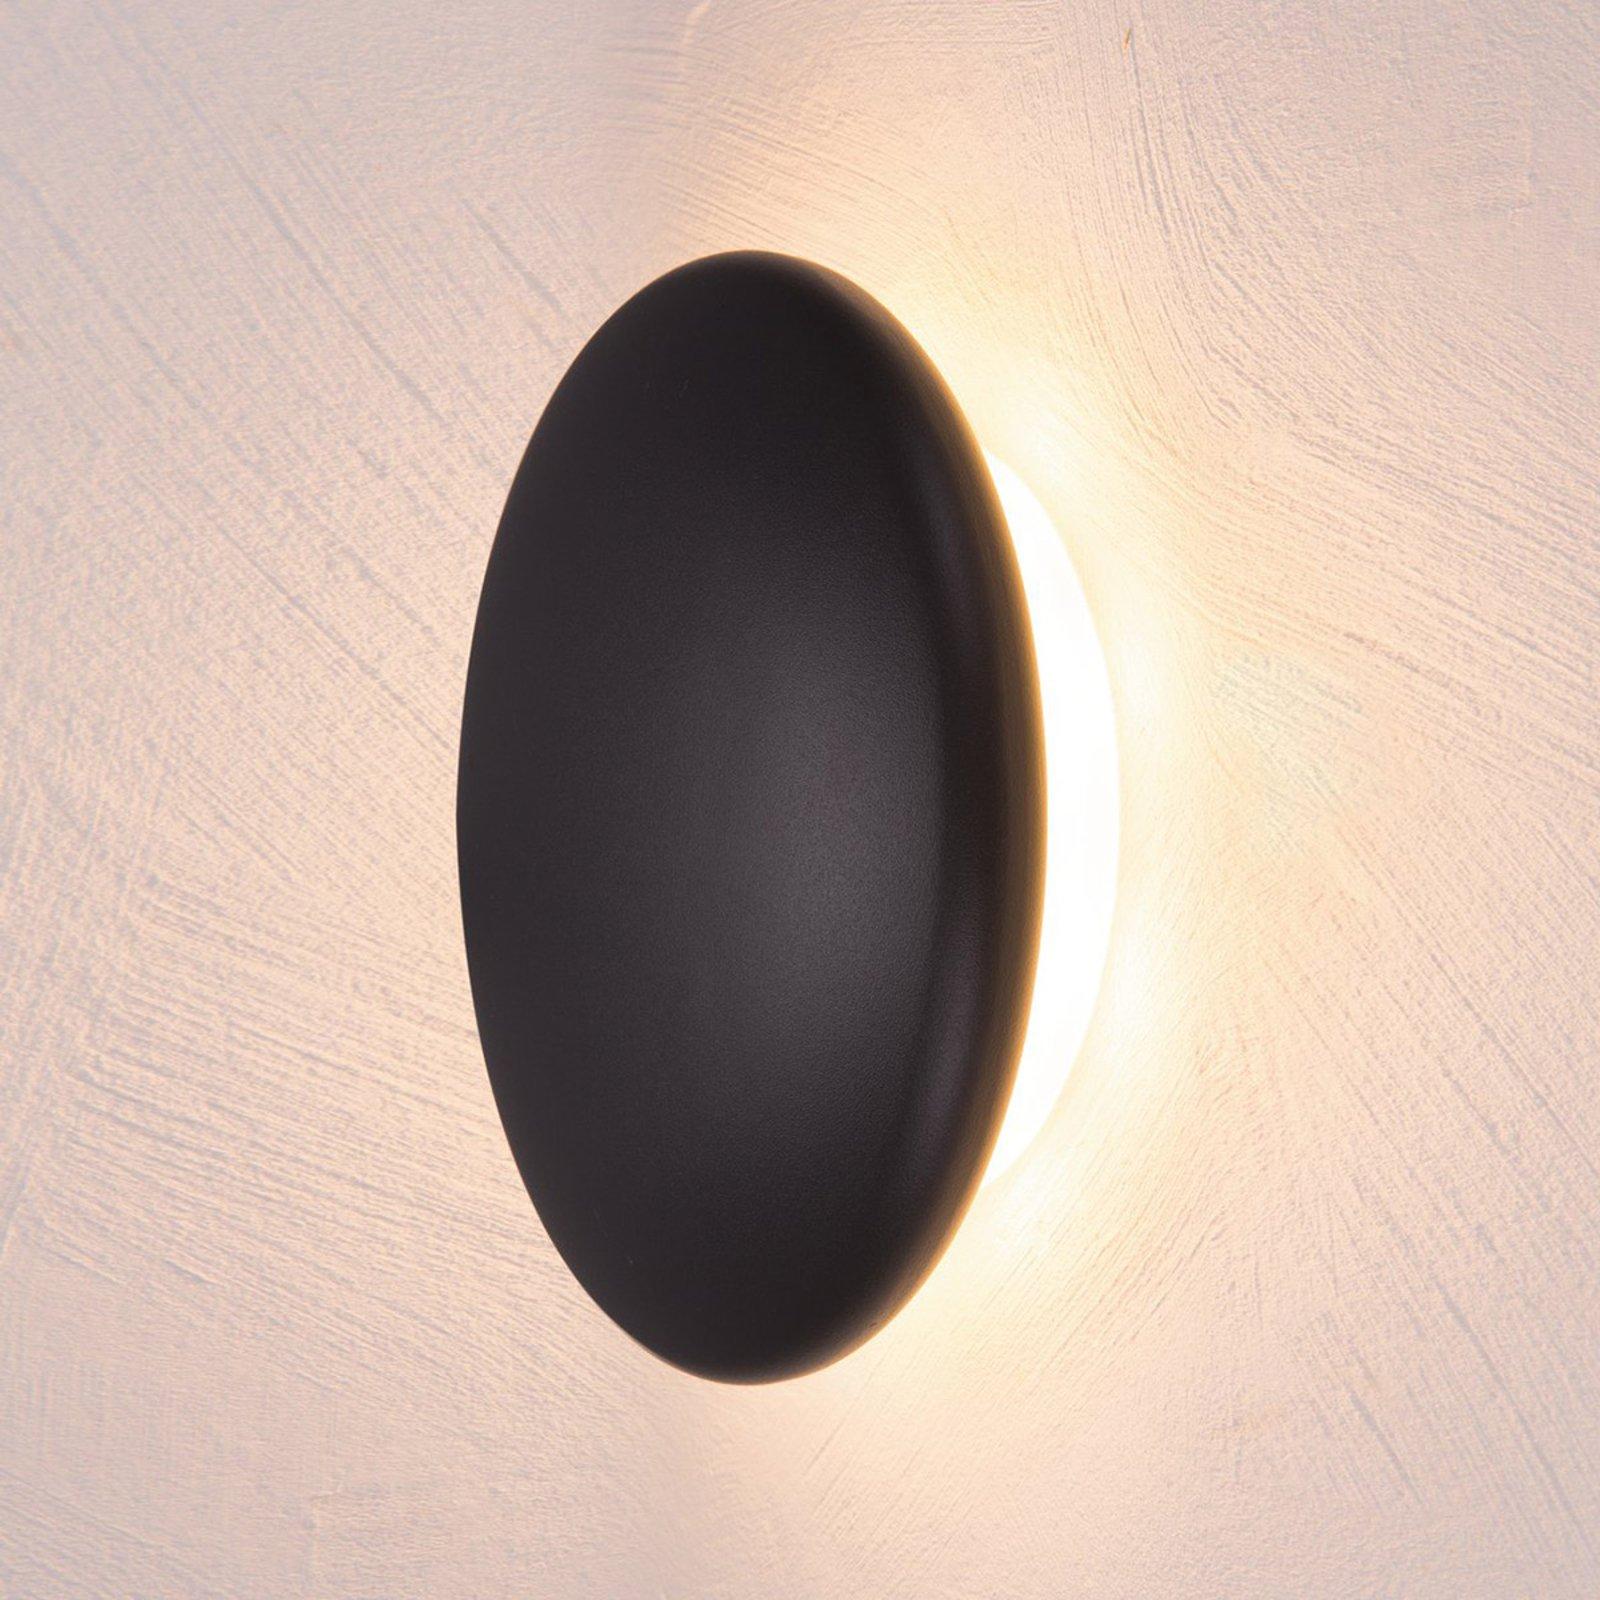 Enkel LED-lampe Hercules for utendørs bruk - IP54